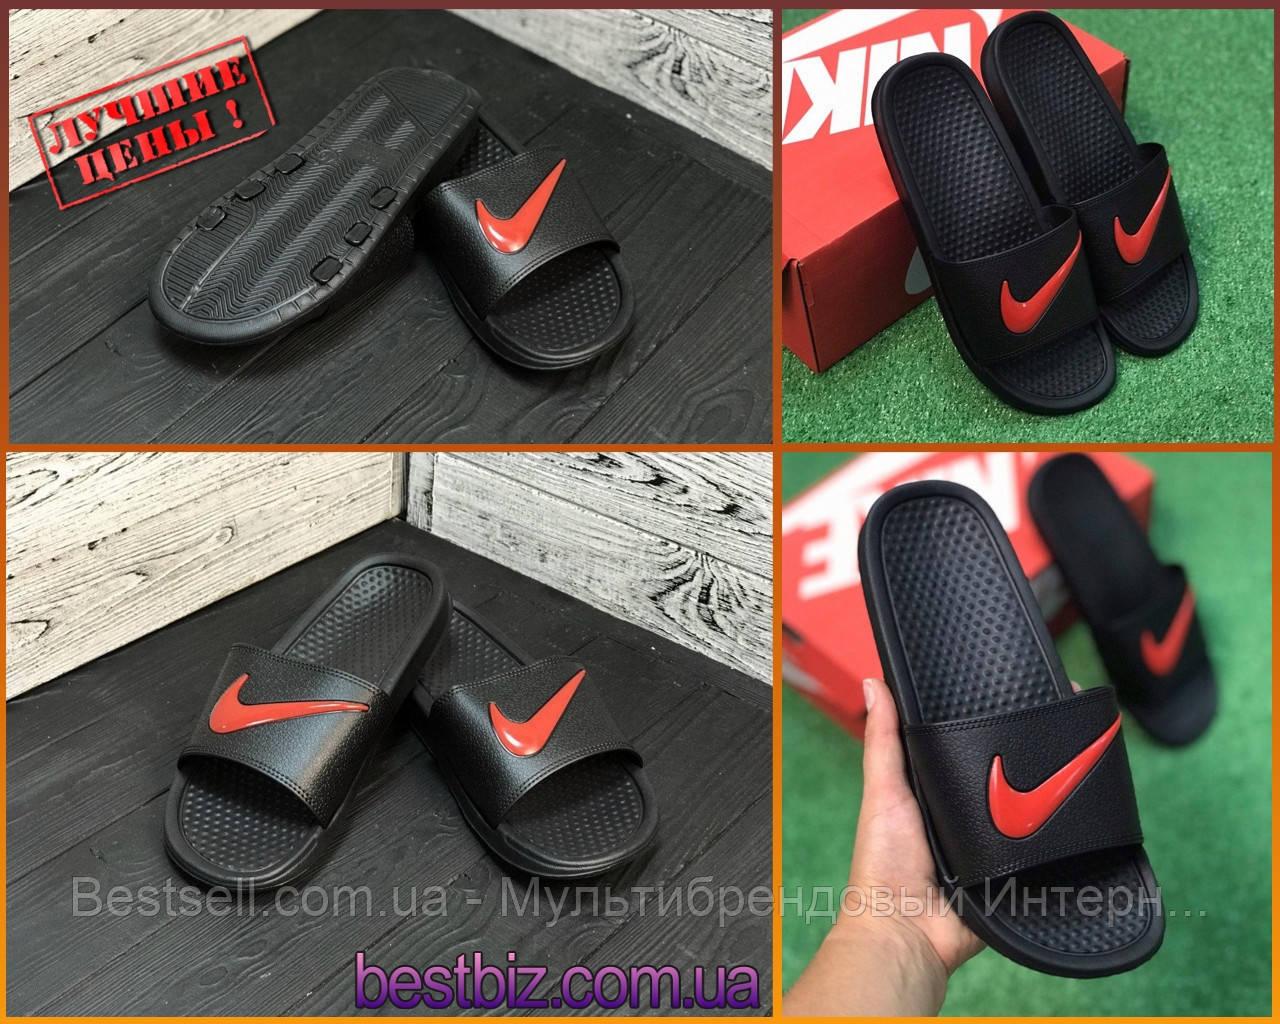 Шльопанці чоловічі чорні Nike / Сланці Nike (шльопанці,в'єтнамки)